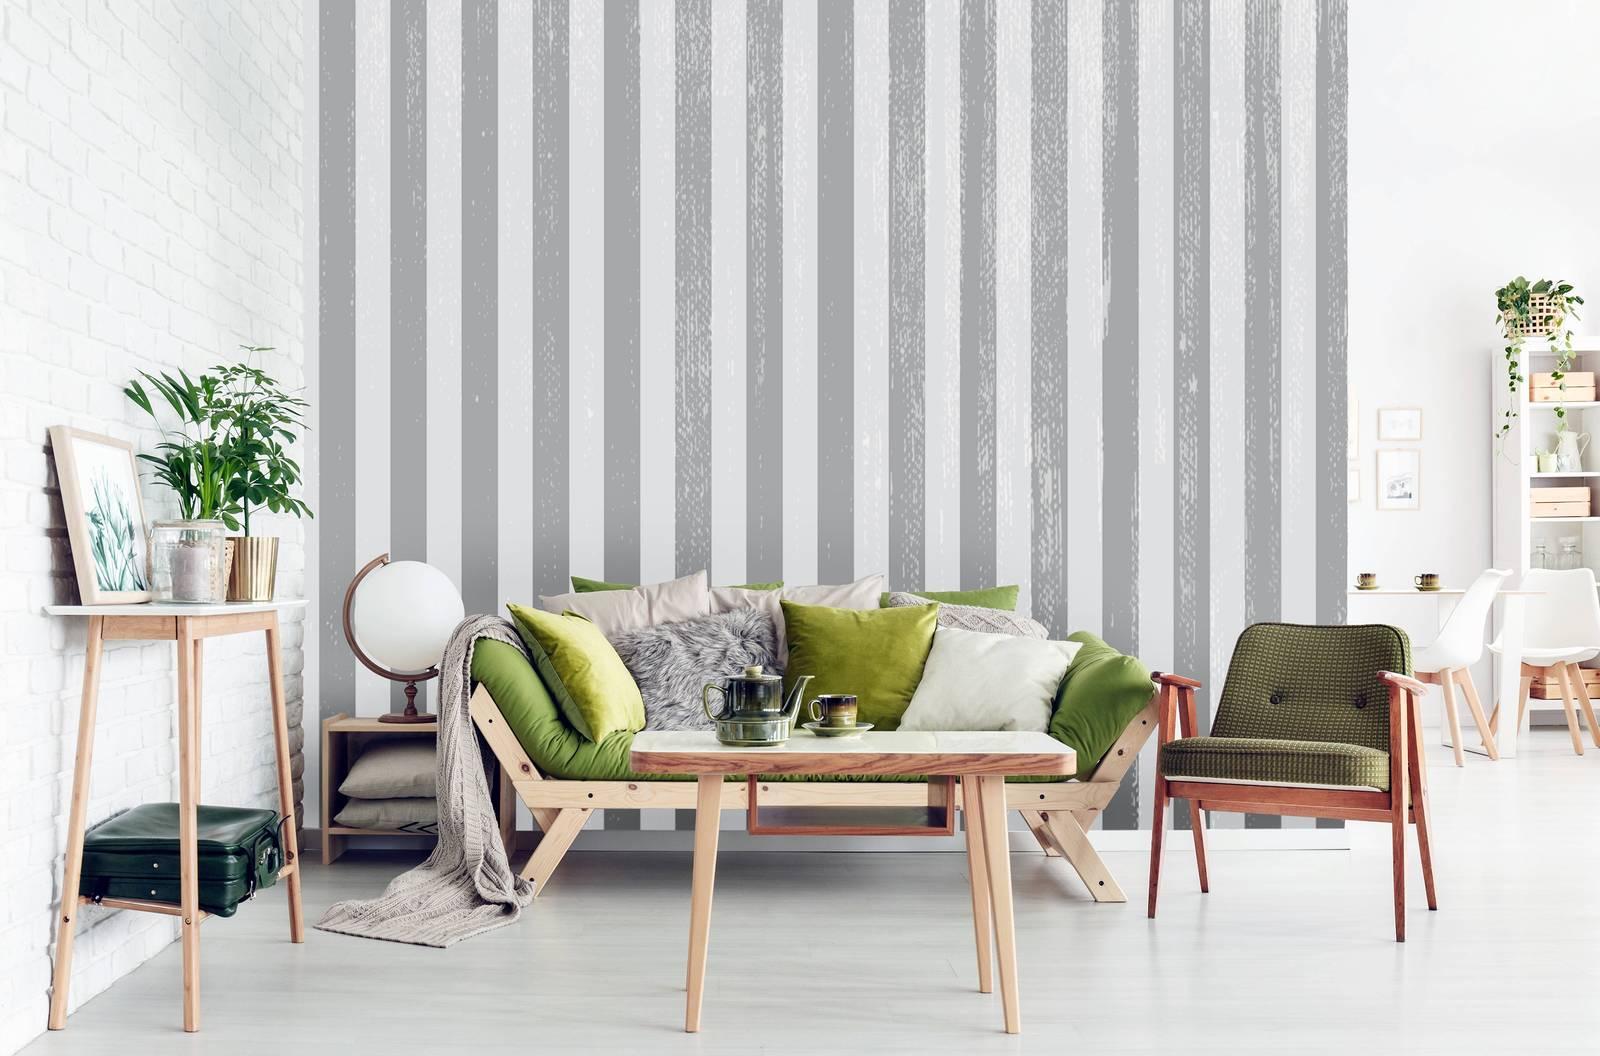 Carte da parati per la parete dietro divano cose di casa for Parete dietro divano